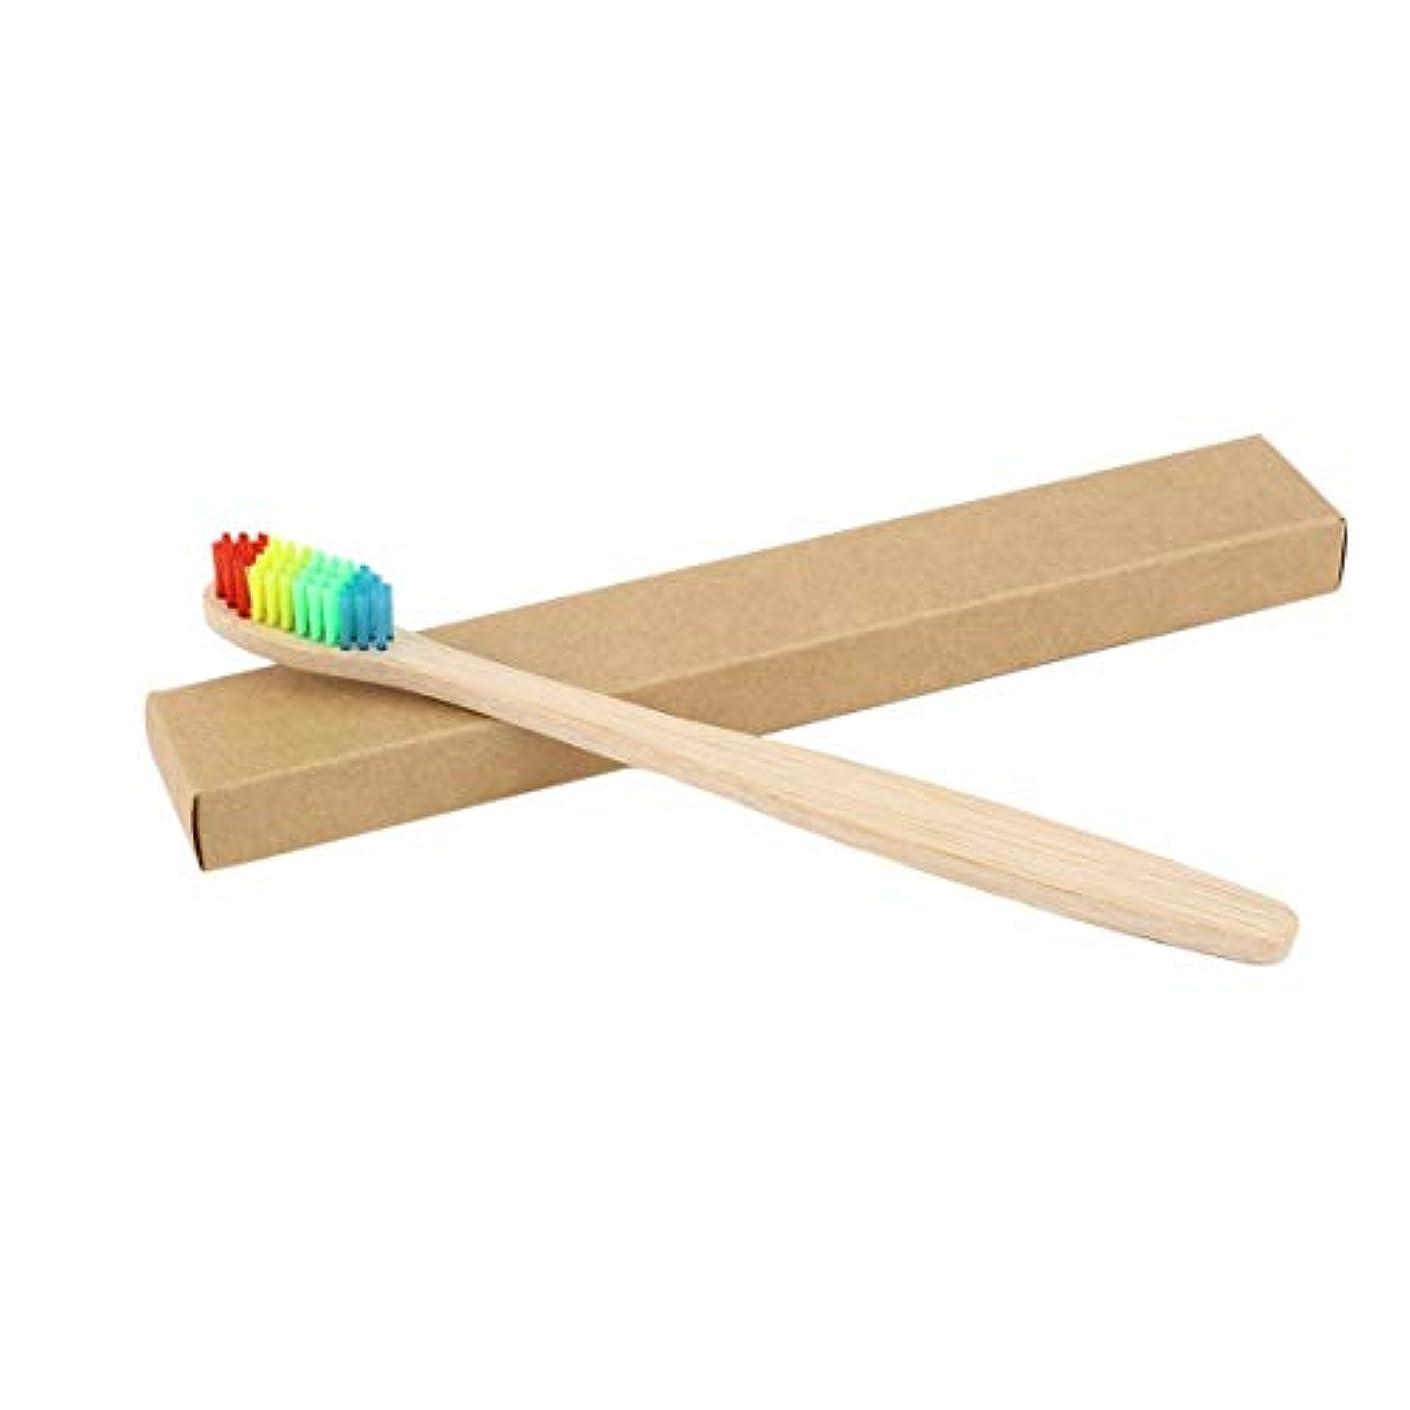 効率的財産褒賞カラフルな髪+竹のハンドル歯ブラシ環境木製の虹竹の歯ブラシオーラルケアソフト剛毛ユニセックス - ウッドカラー+カラフル